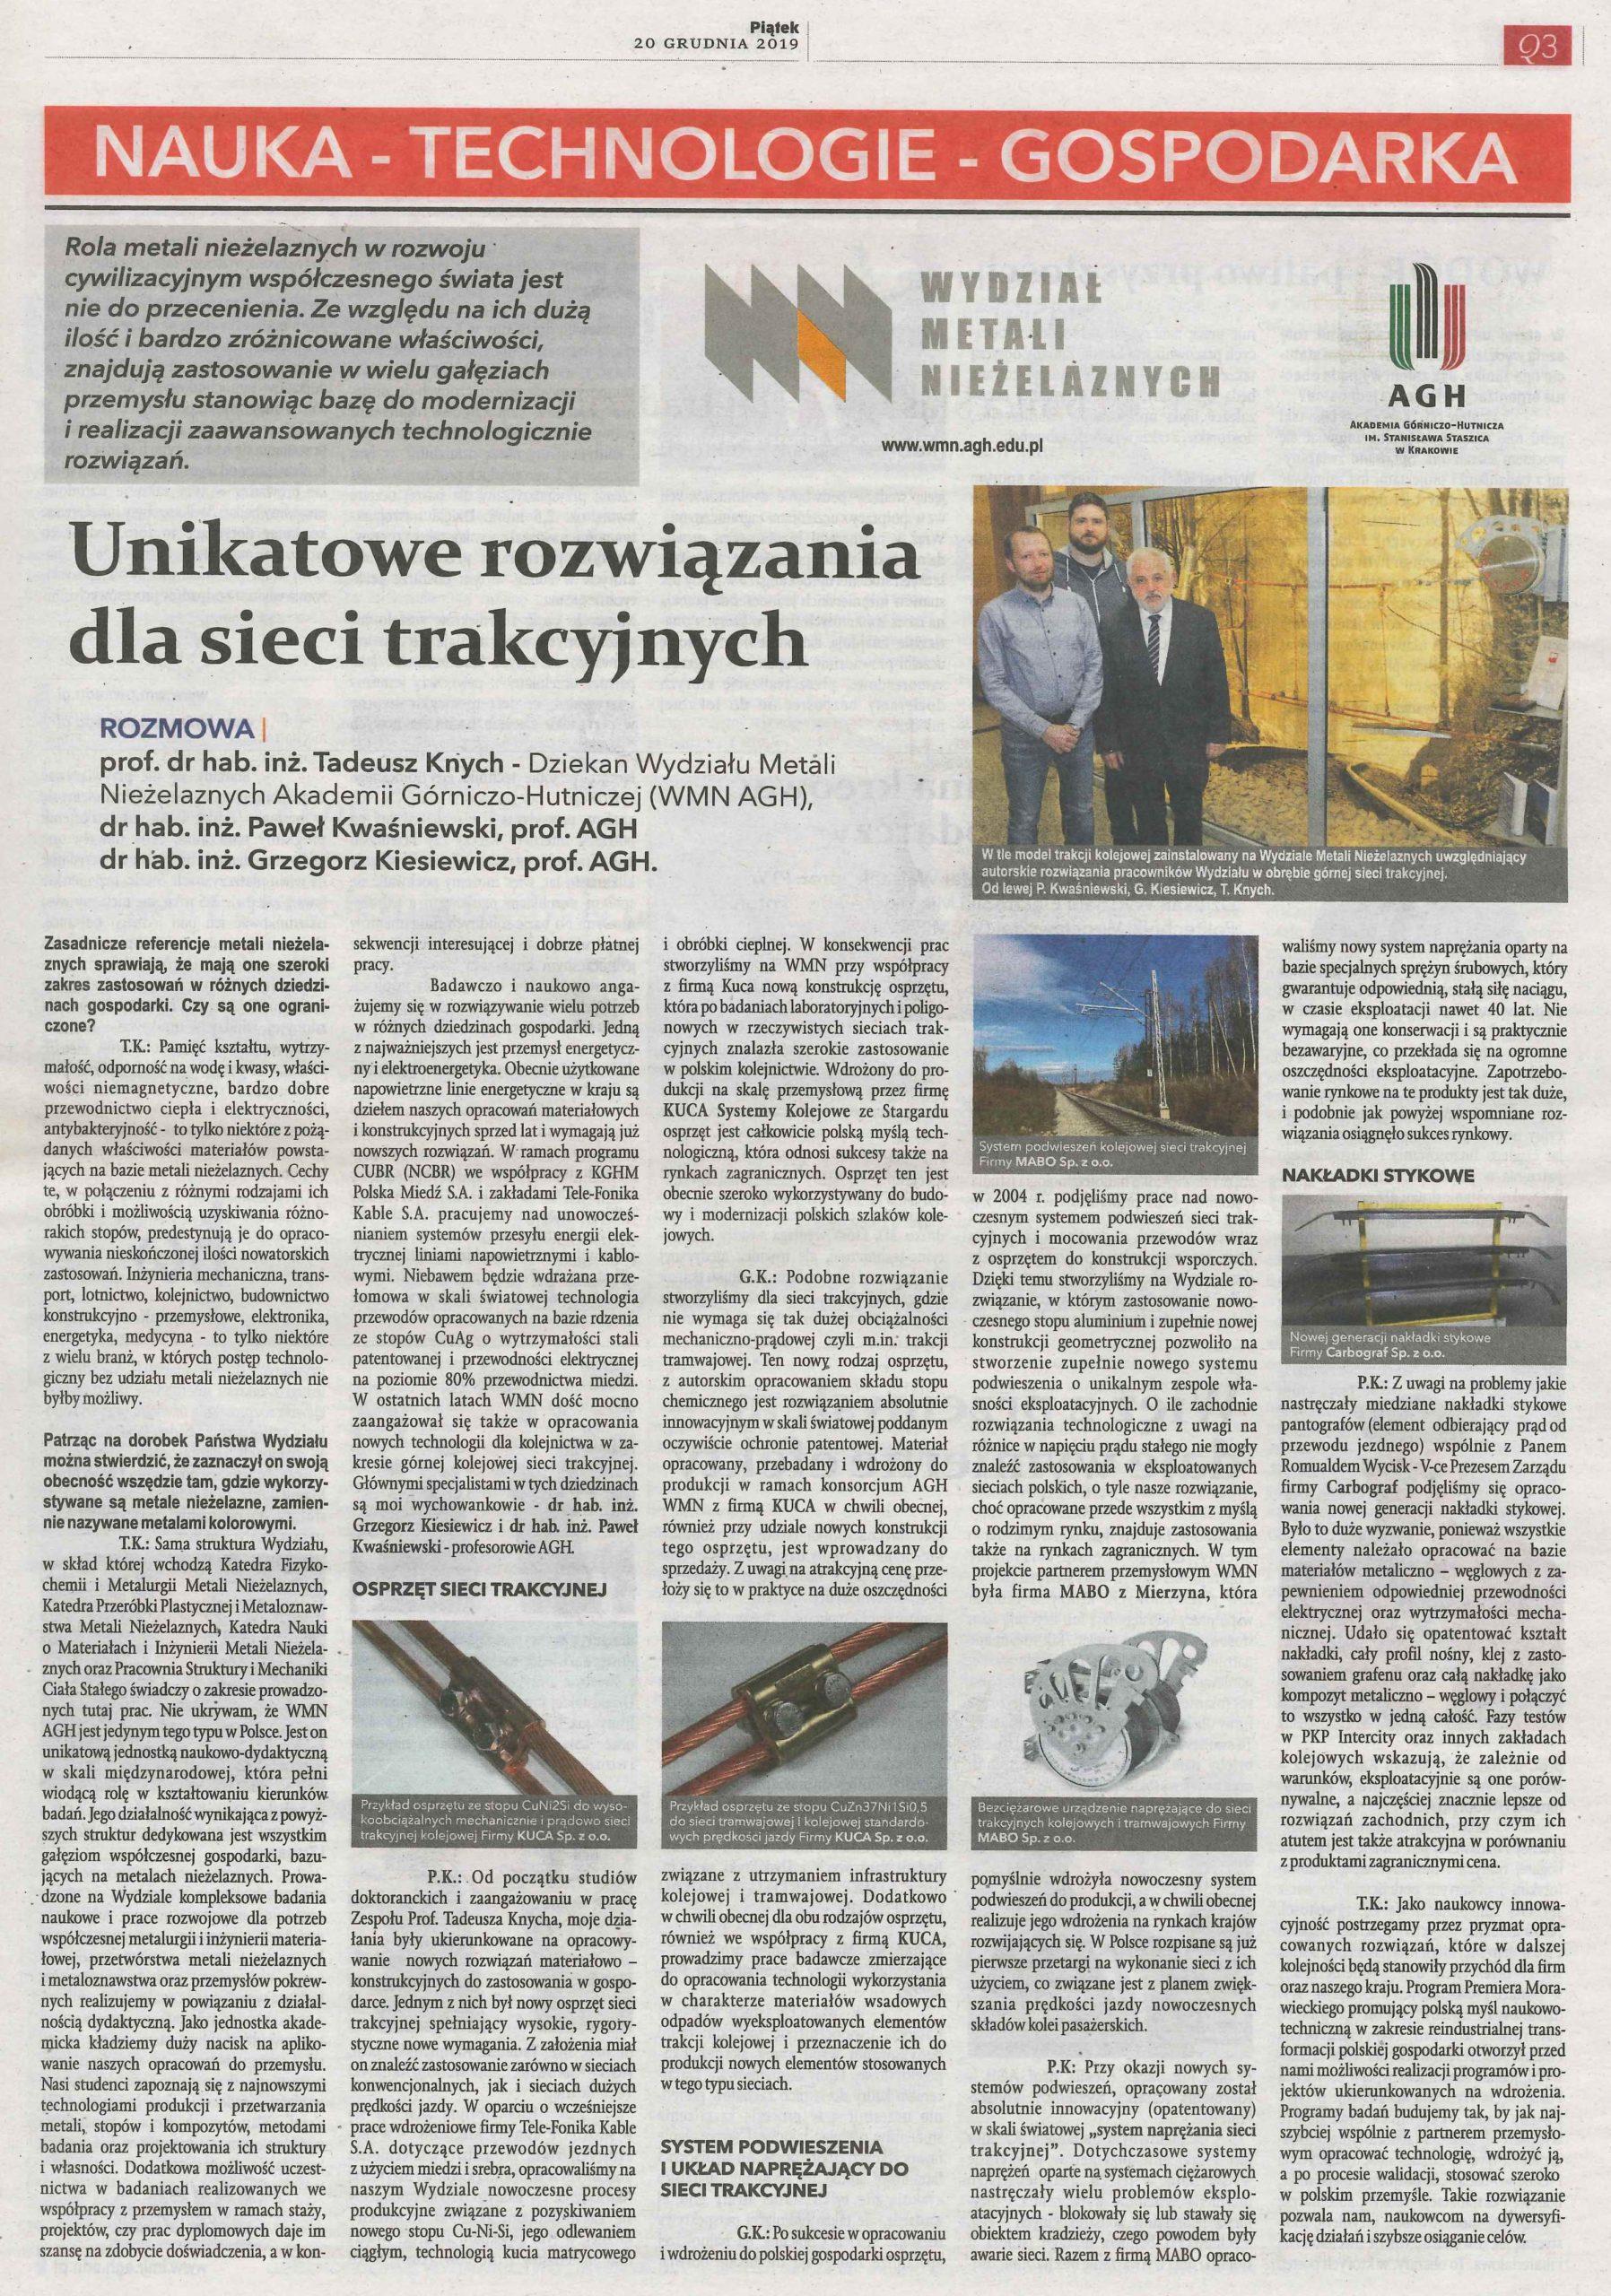 Artykuł Rzeczposplita AGH 12.2019